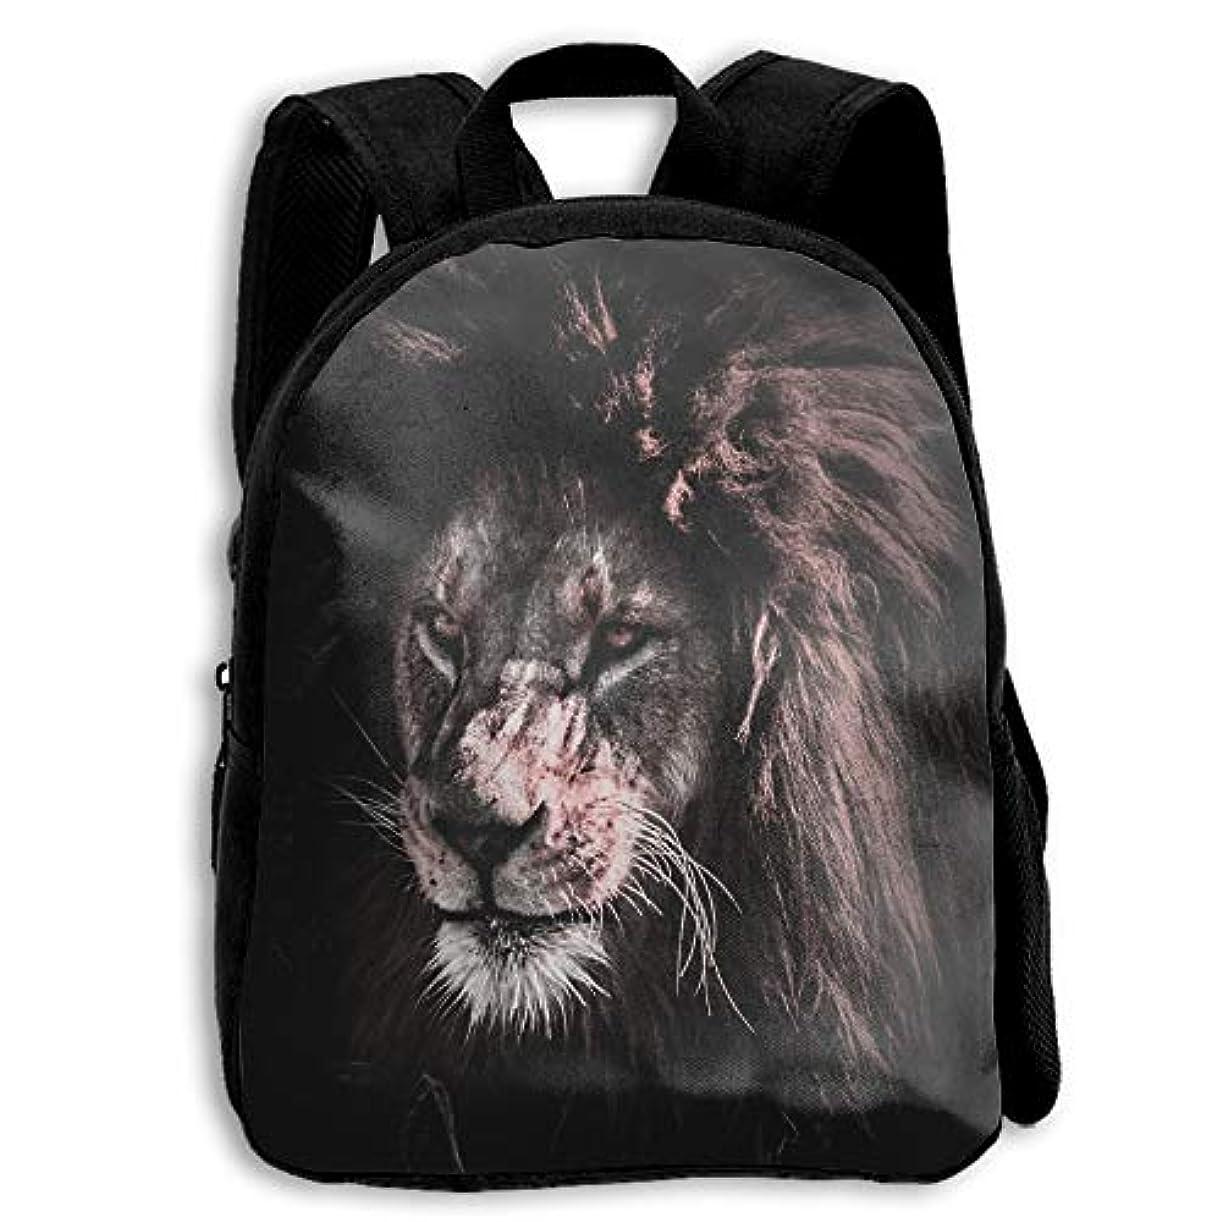 ナビゲーション丘薄いですキッズ リュックサック バックパック キッズバッグ 子供用のバッグ キッズリュック 学生 動物柄 ライオン 獅子 アウトドア 通学 ハイキング 遠足